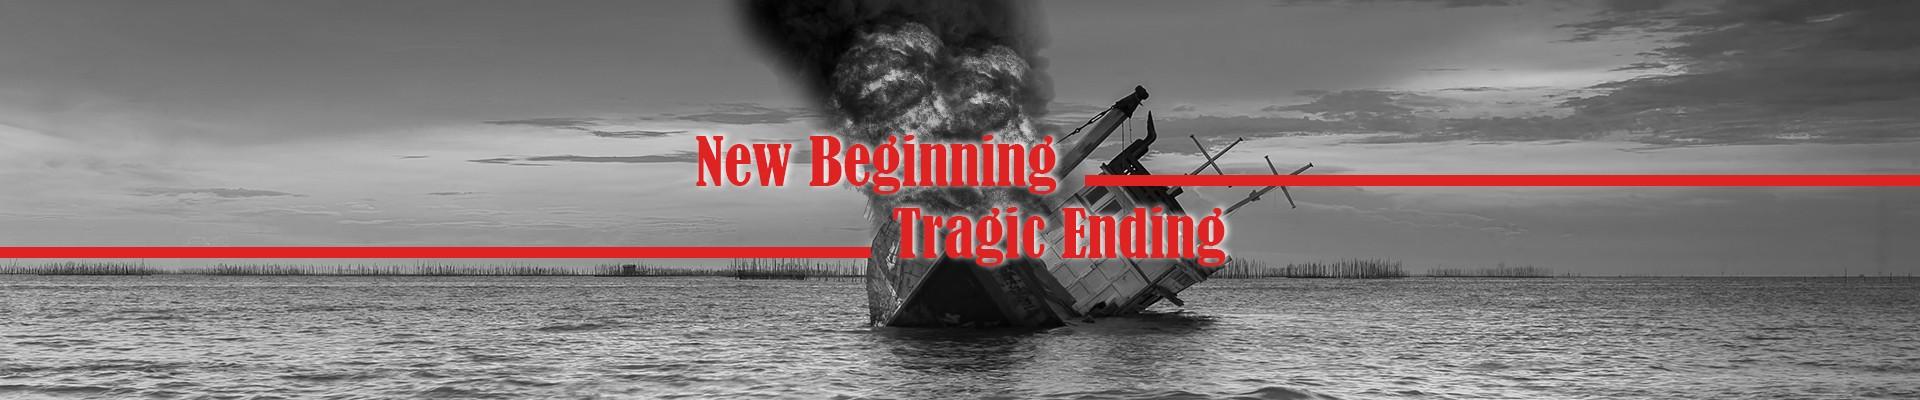 new-beginning-tragic-ending-shipwreck-fire